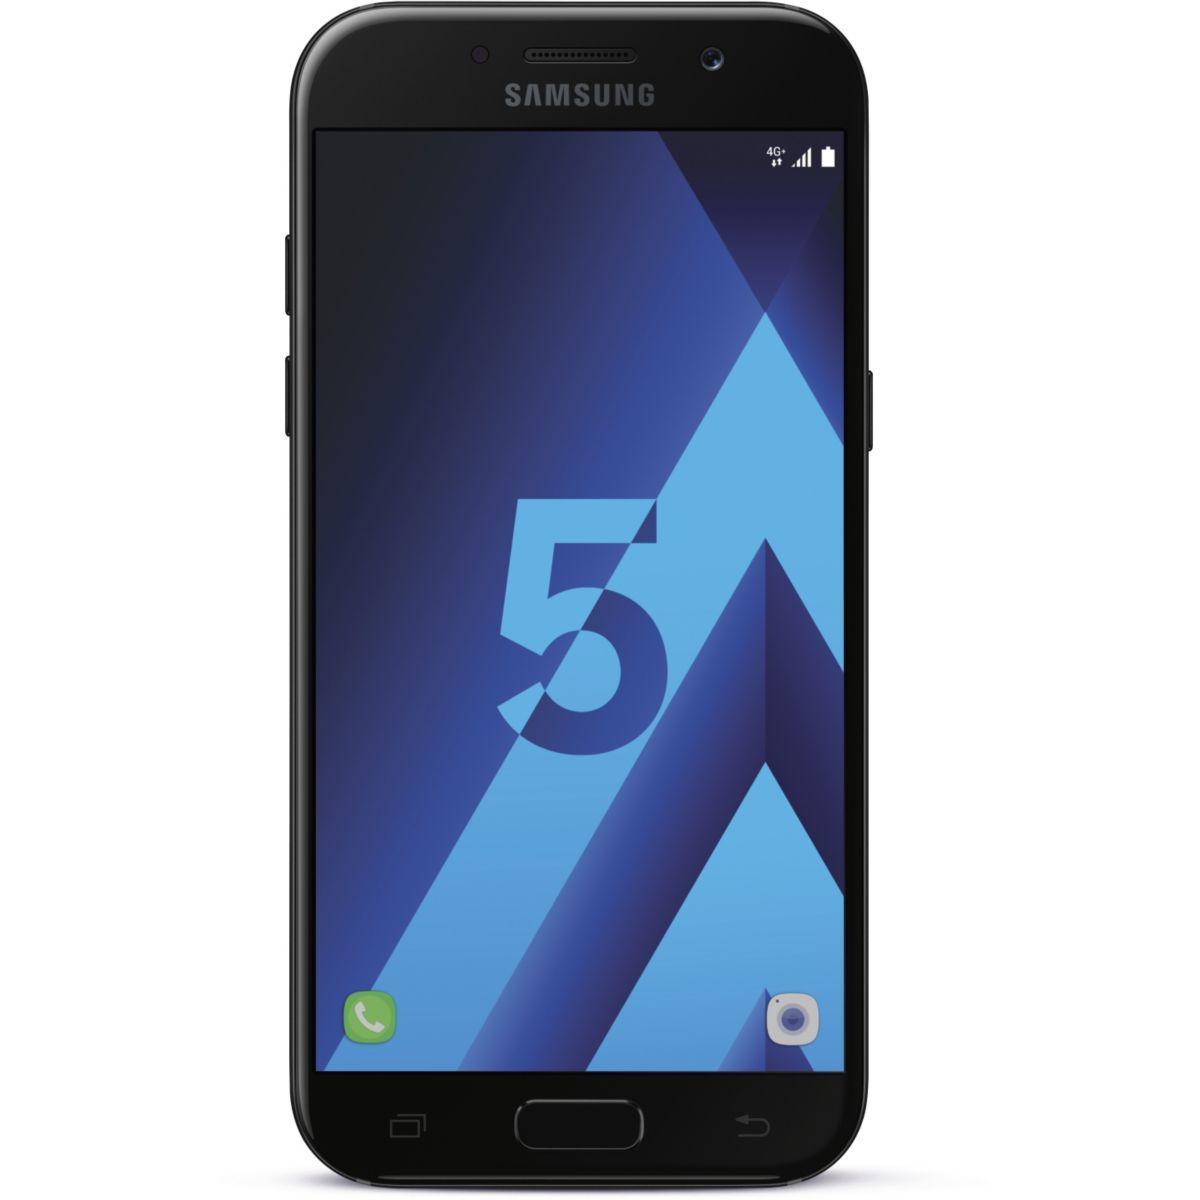 Smartphone samsung galaxy a5 noir ed.2017 - la sélection de l'équipe